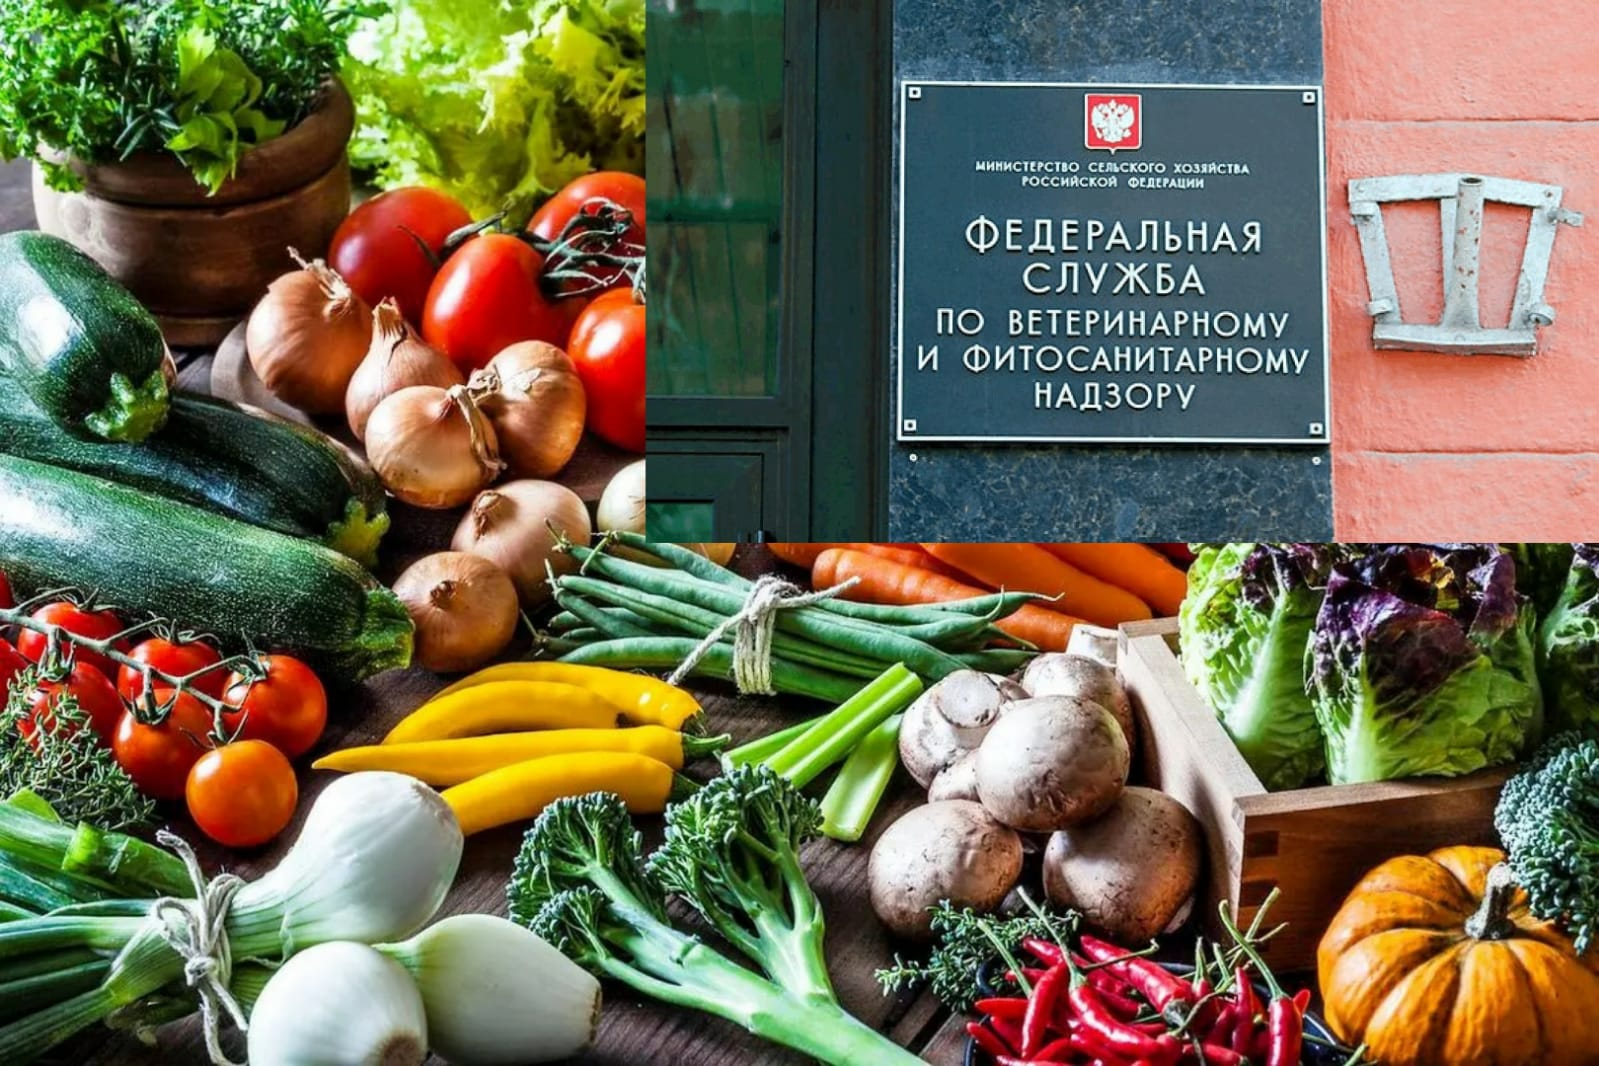 Türkiye'den domates ve biber alımını yasaklayan Rusya Azerbaycan'dan elma alımını da durdurdu!